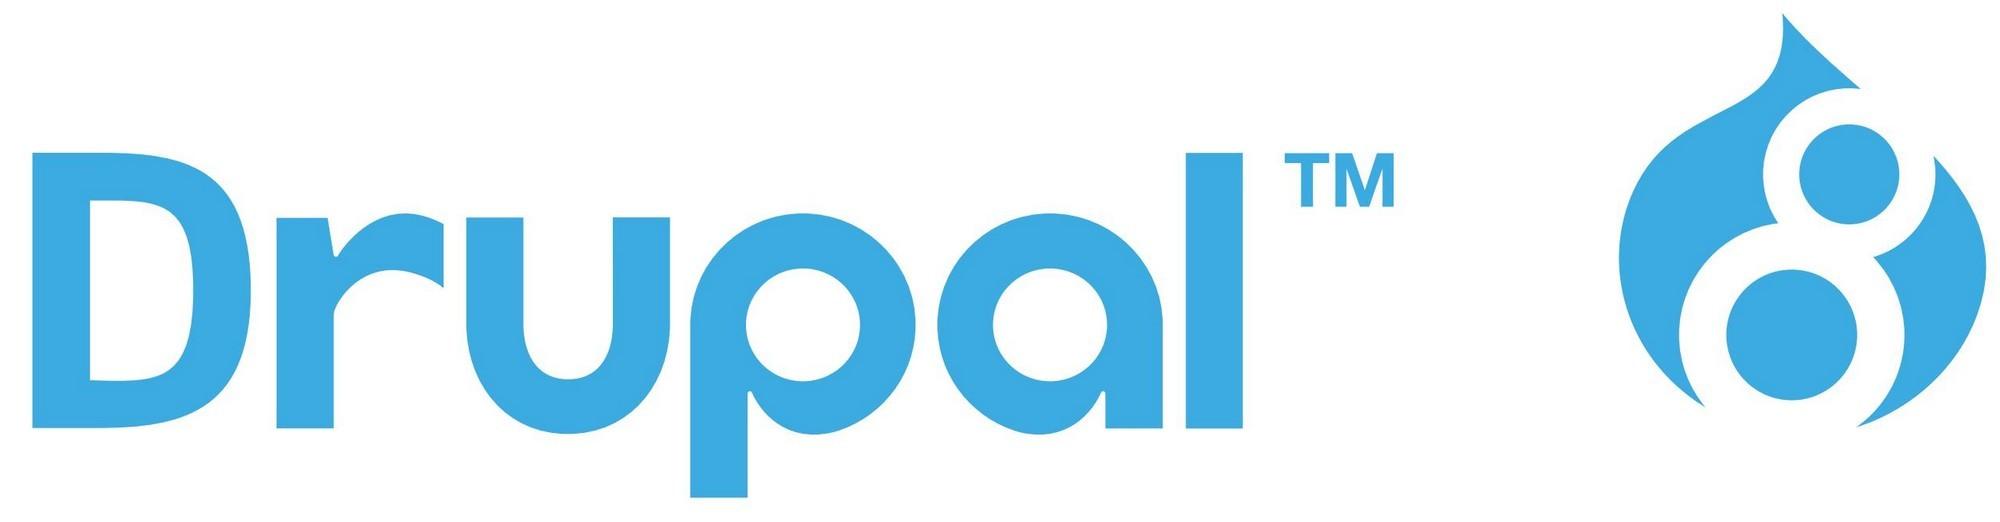 Drupal Logo [PDF] png